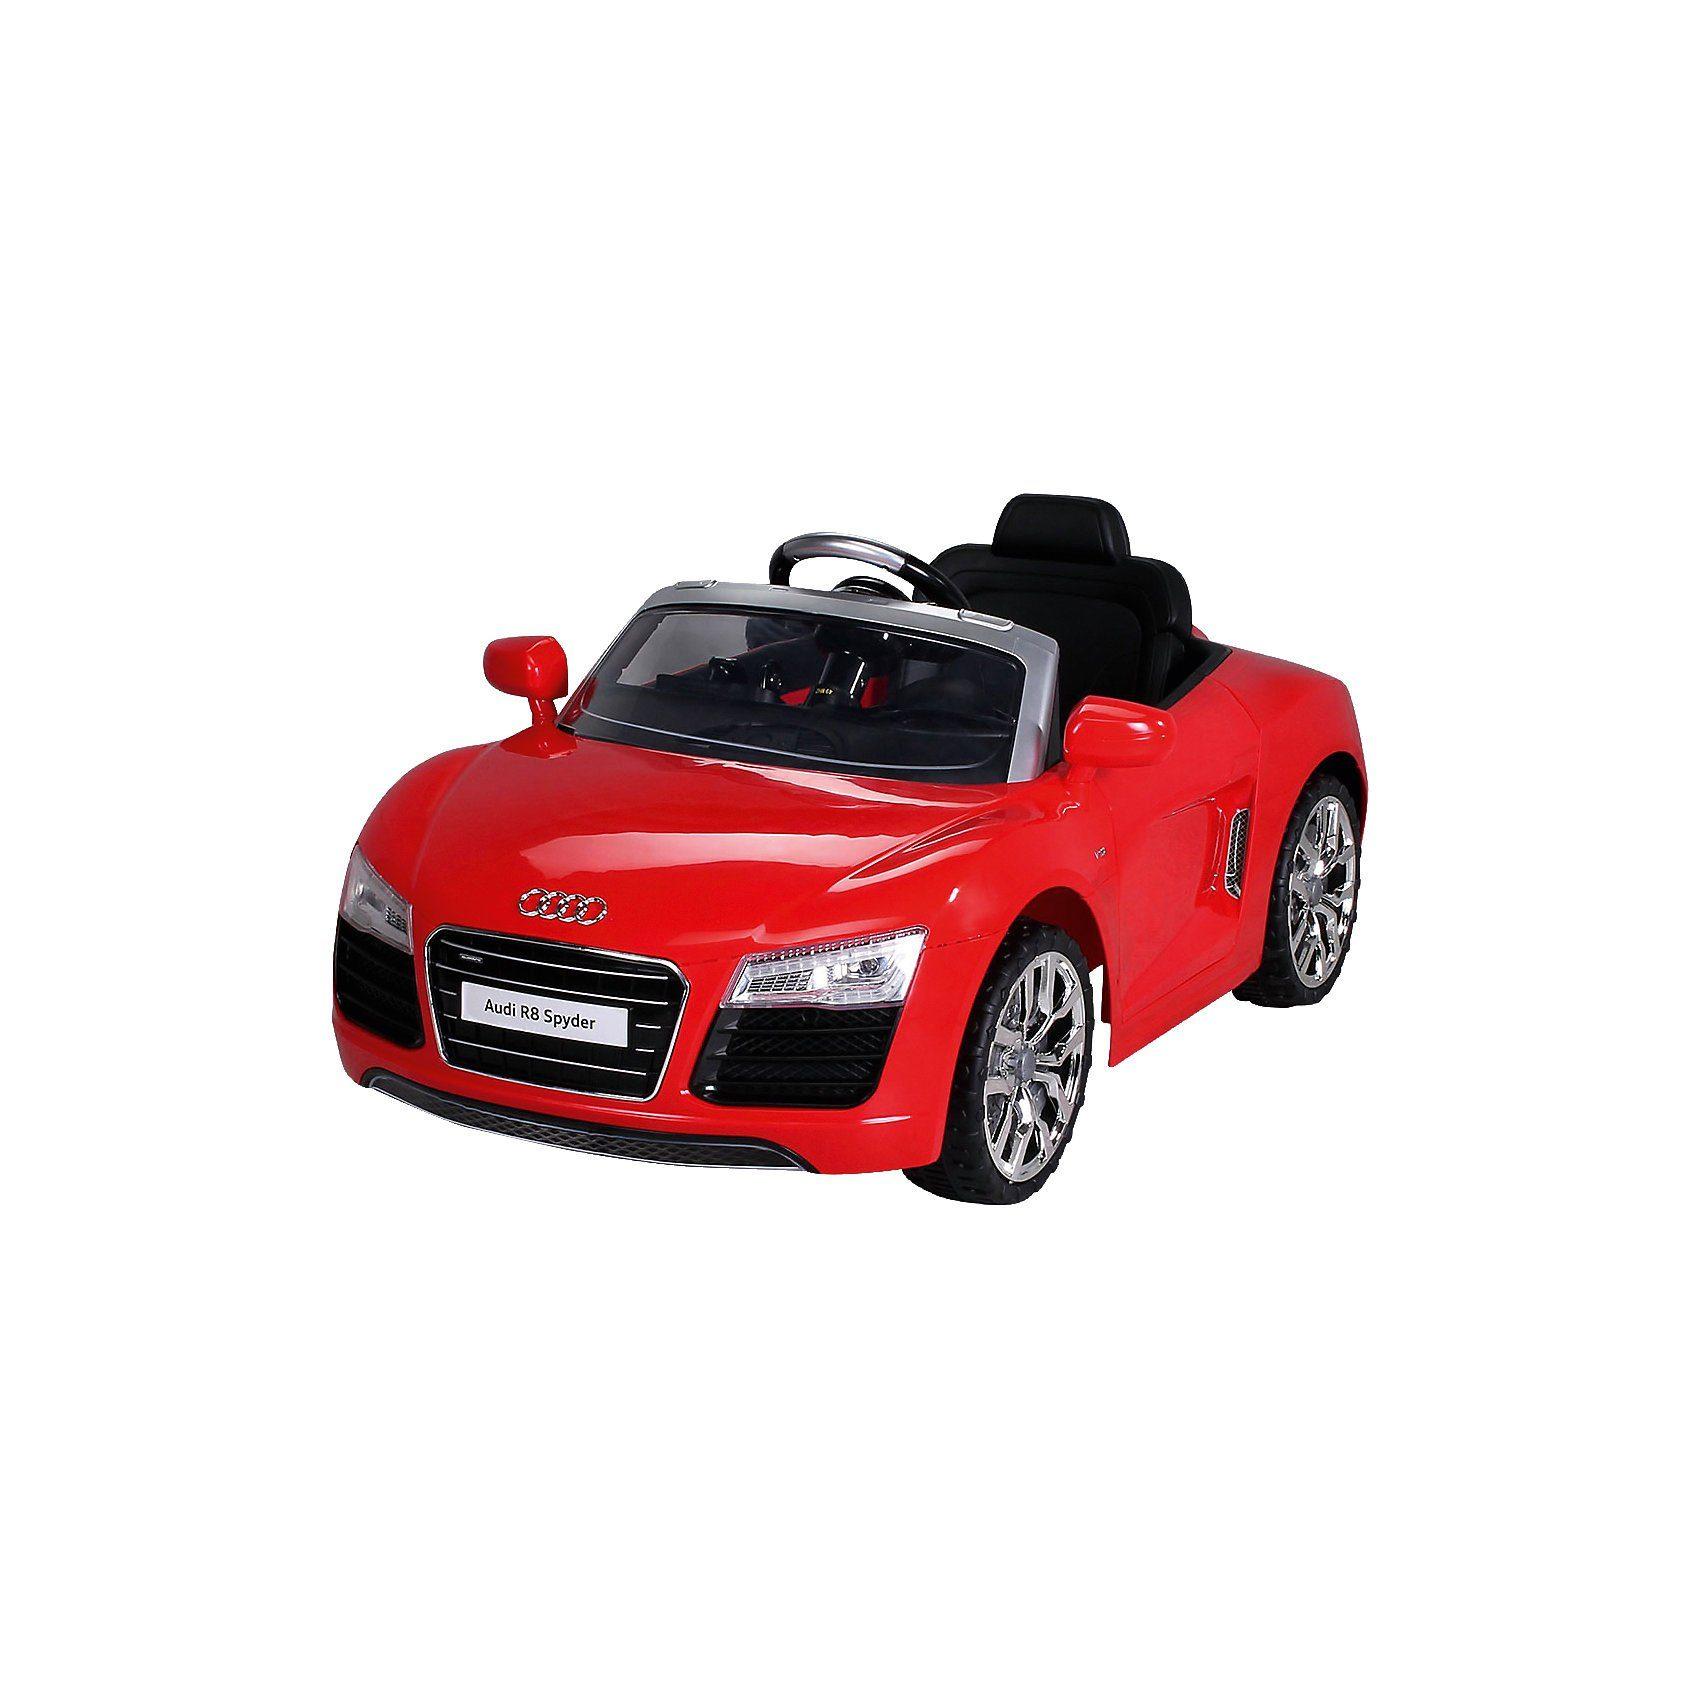 Kinder Elektroauto Audi R8 Lizenziert, rot